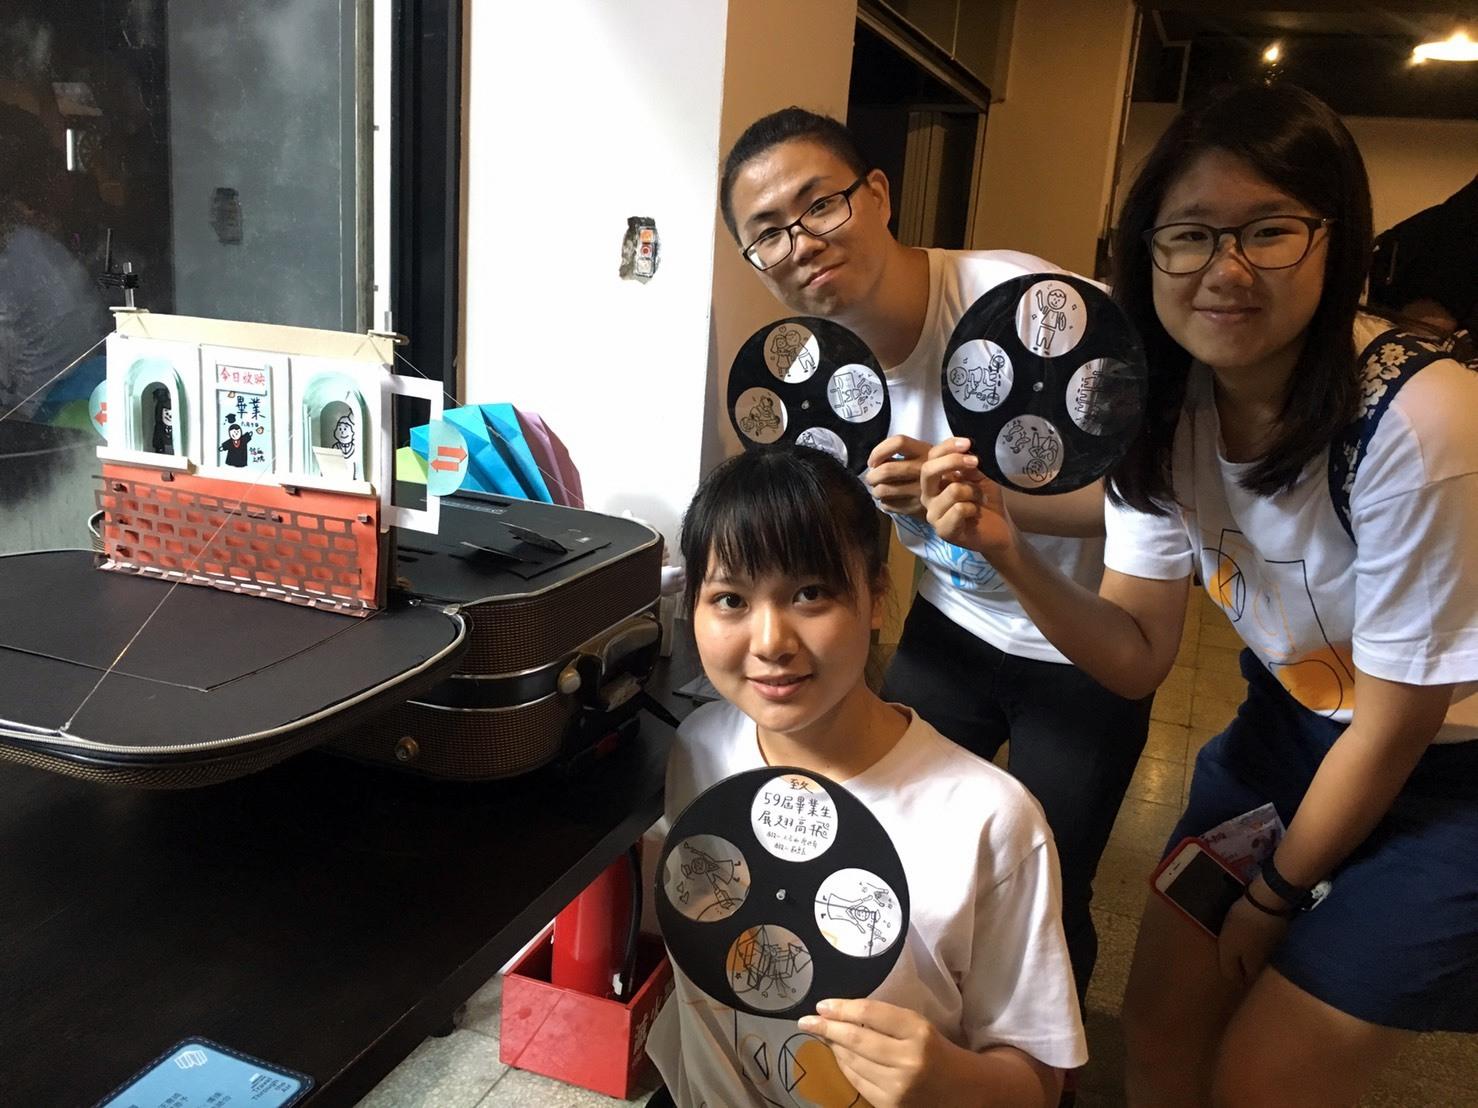 通稿照片02_創作「回憶大戲院」的三位同學用作品各種互動細節吸引參觀者目光.jpg